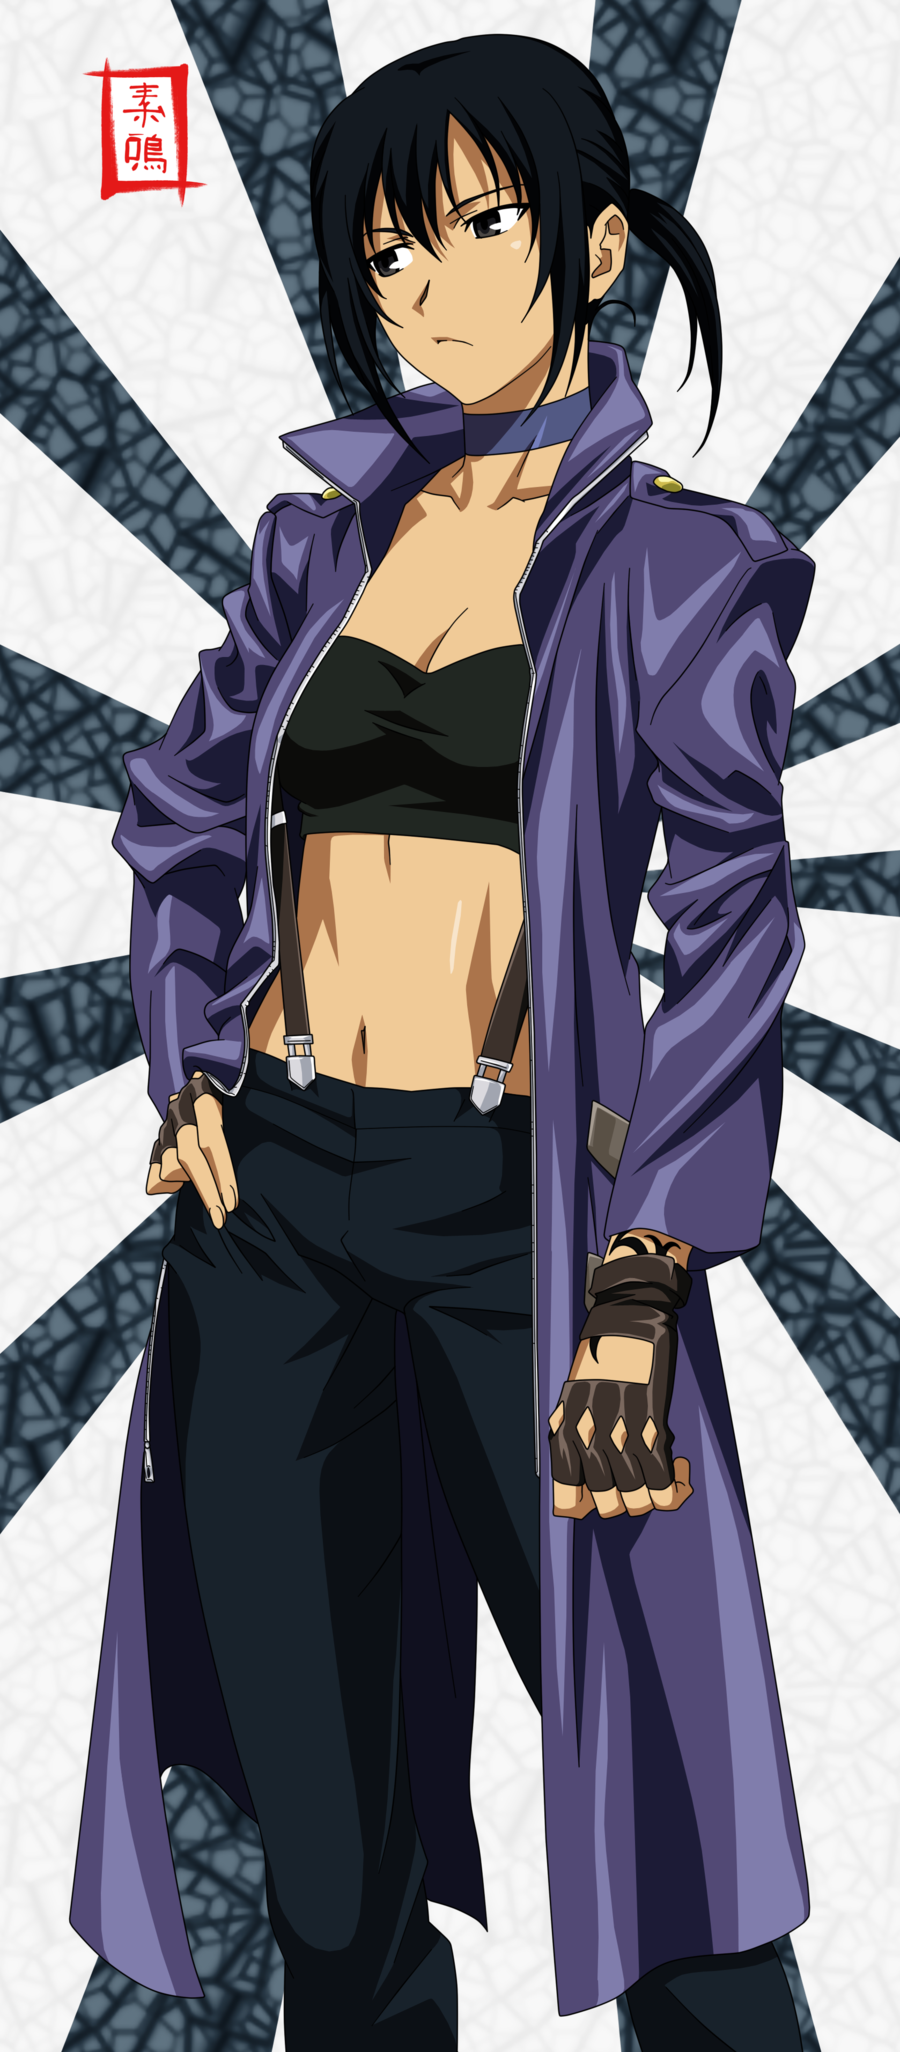 Pin by Smooches Loveberry on Waifus Canaan anime, Otaku